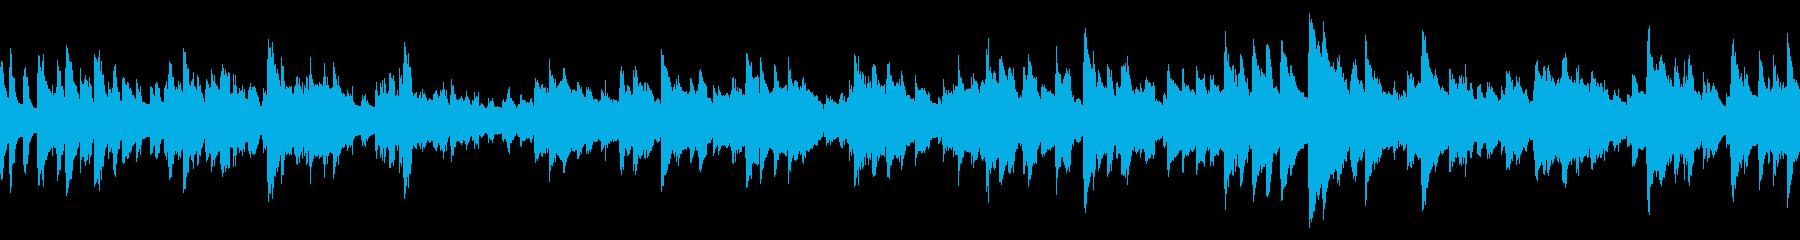 ほのぼのしたポップなBGM(ループ仕様)の再生済みの波形